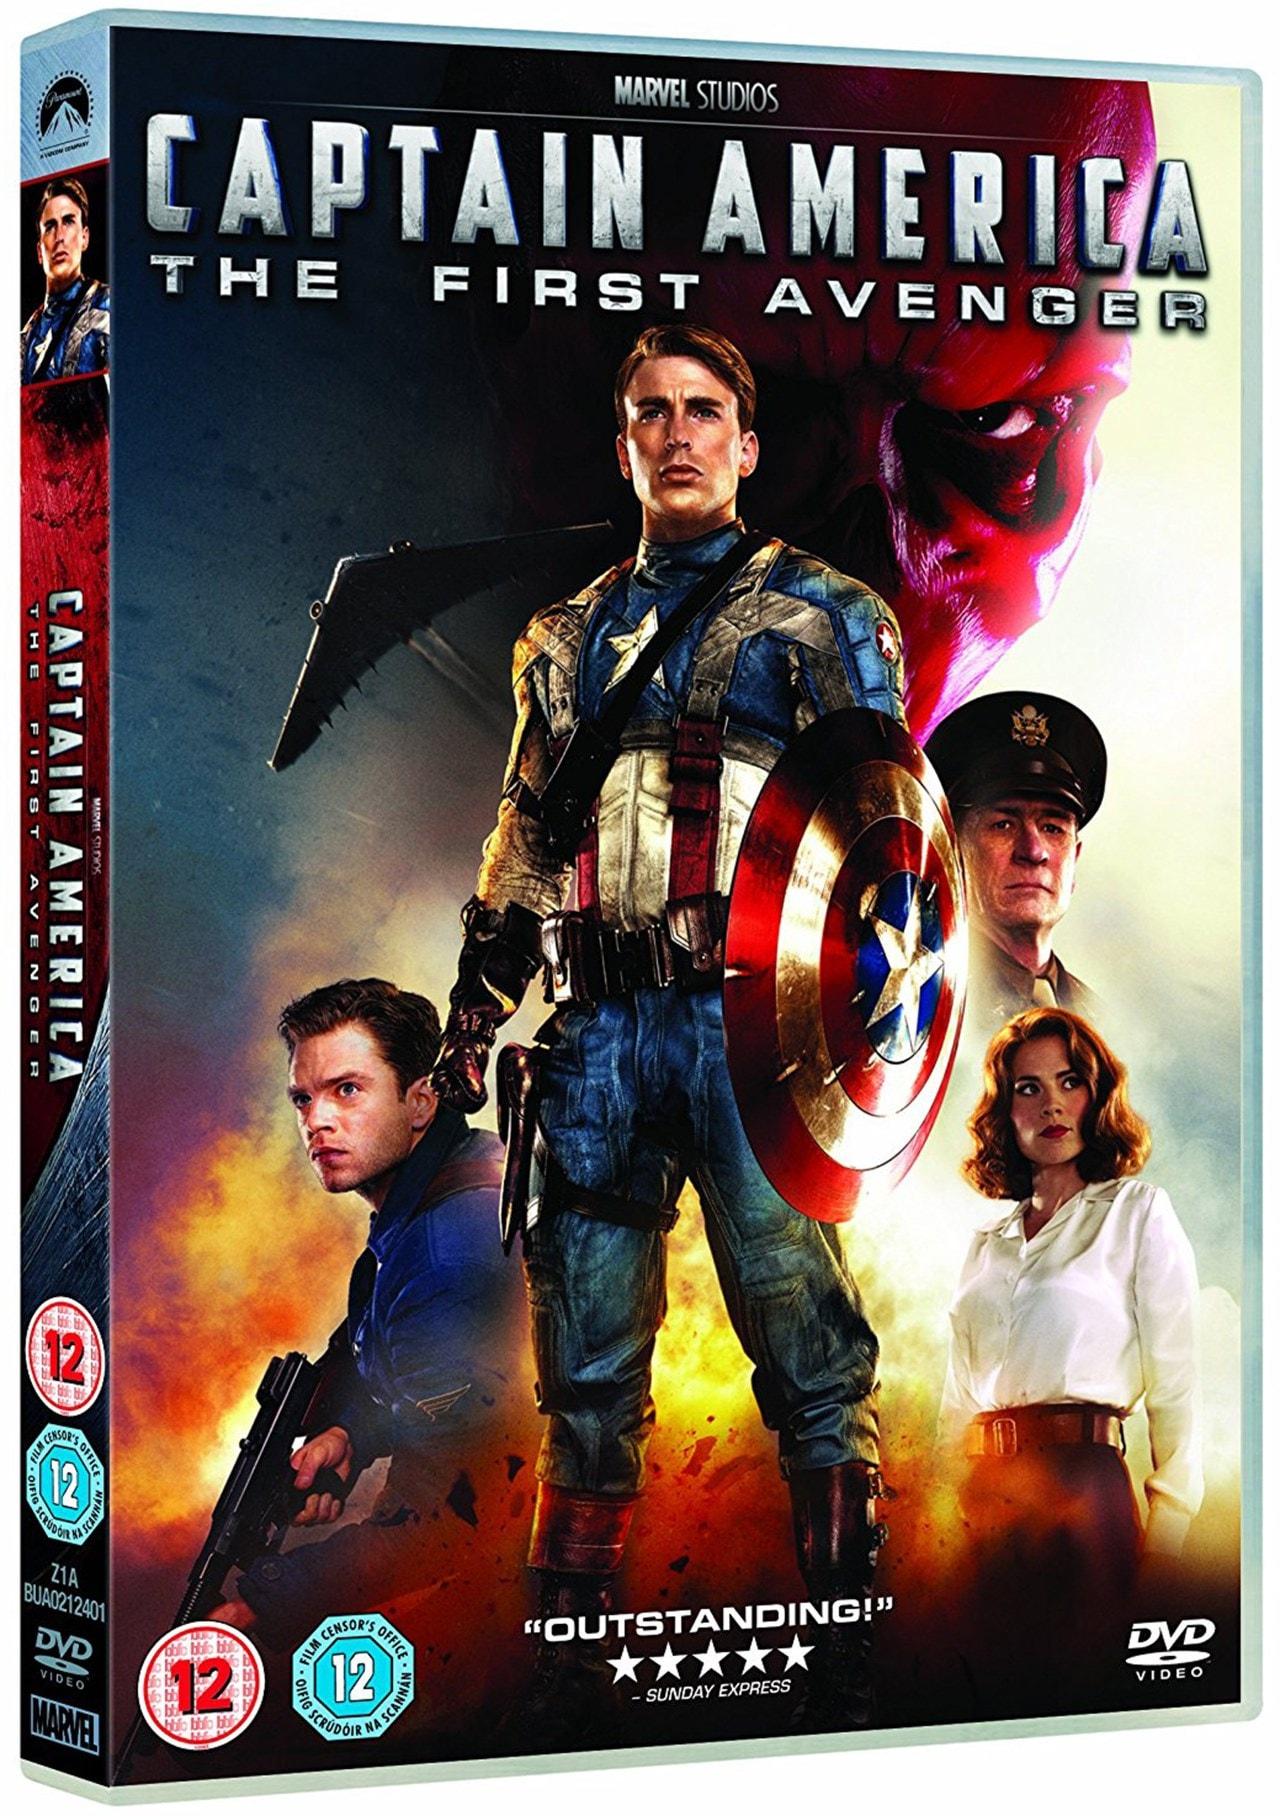 Captain America: The First Avenger - 4